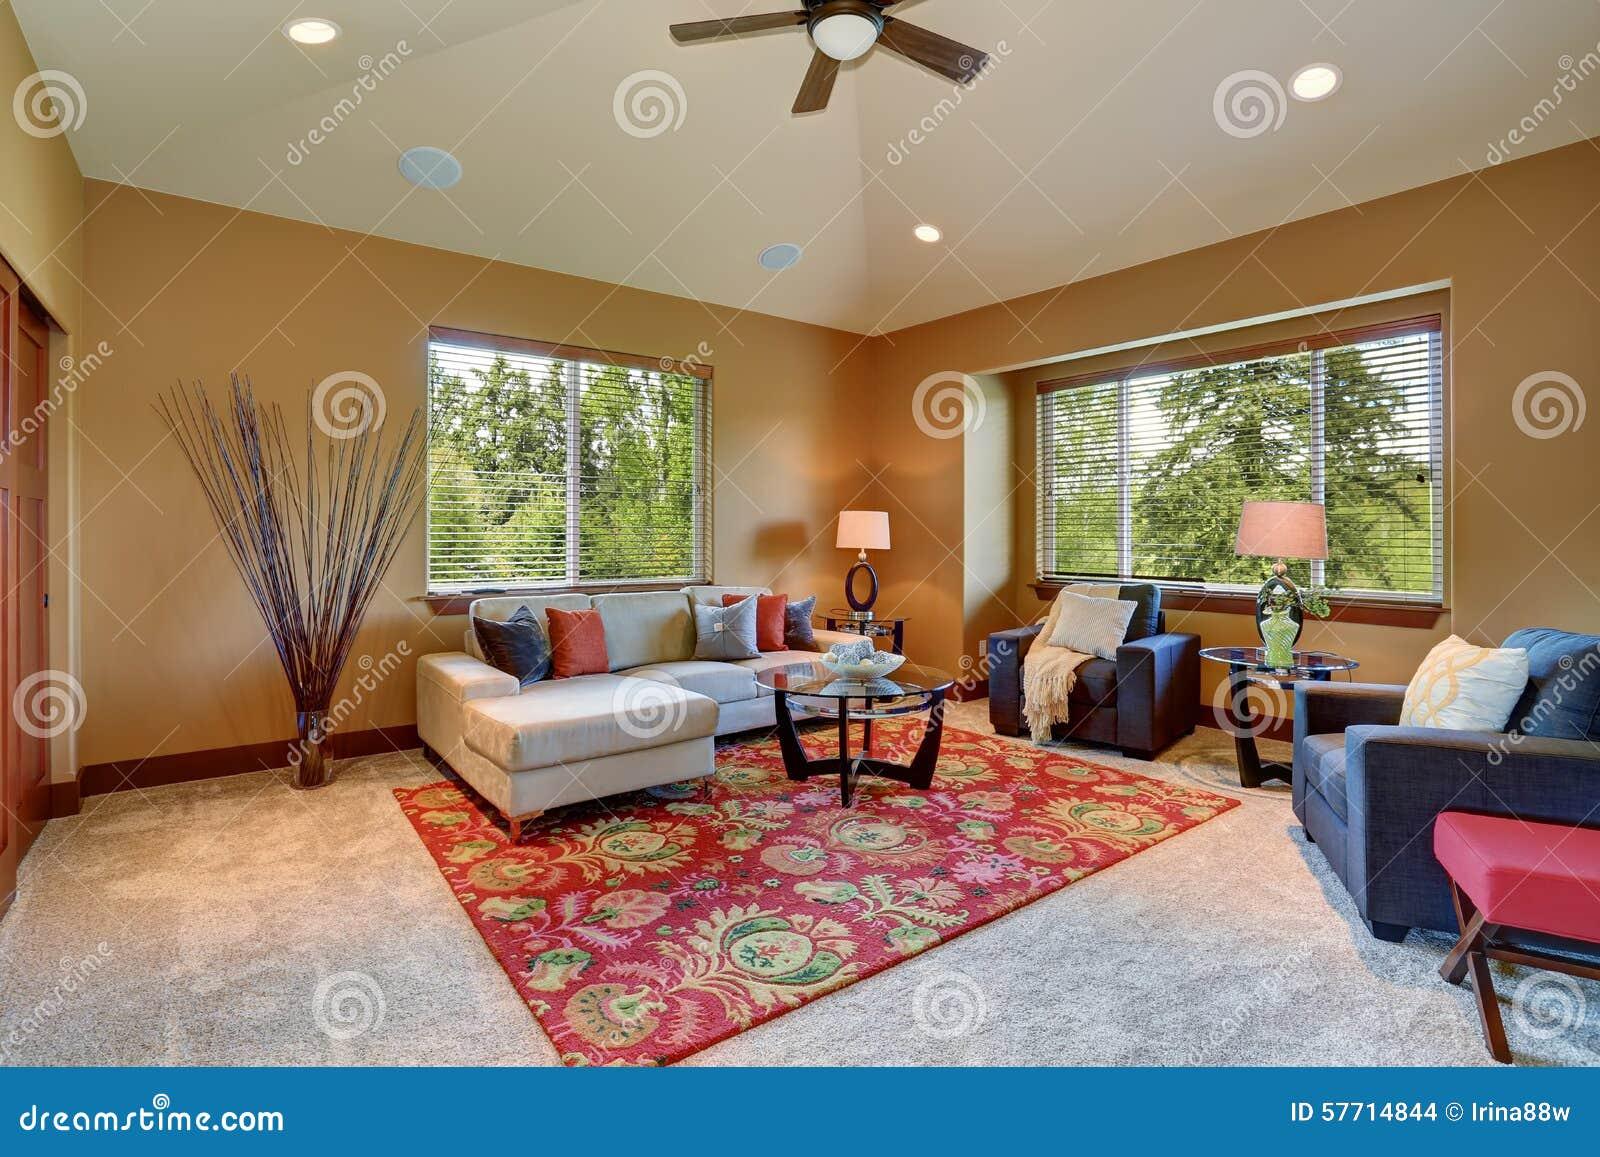 https://thumbs.dreamstime.com/z/kleurrijke-woonkamer-met-rood-en-blauw-decor-57714844.jpg